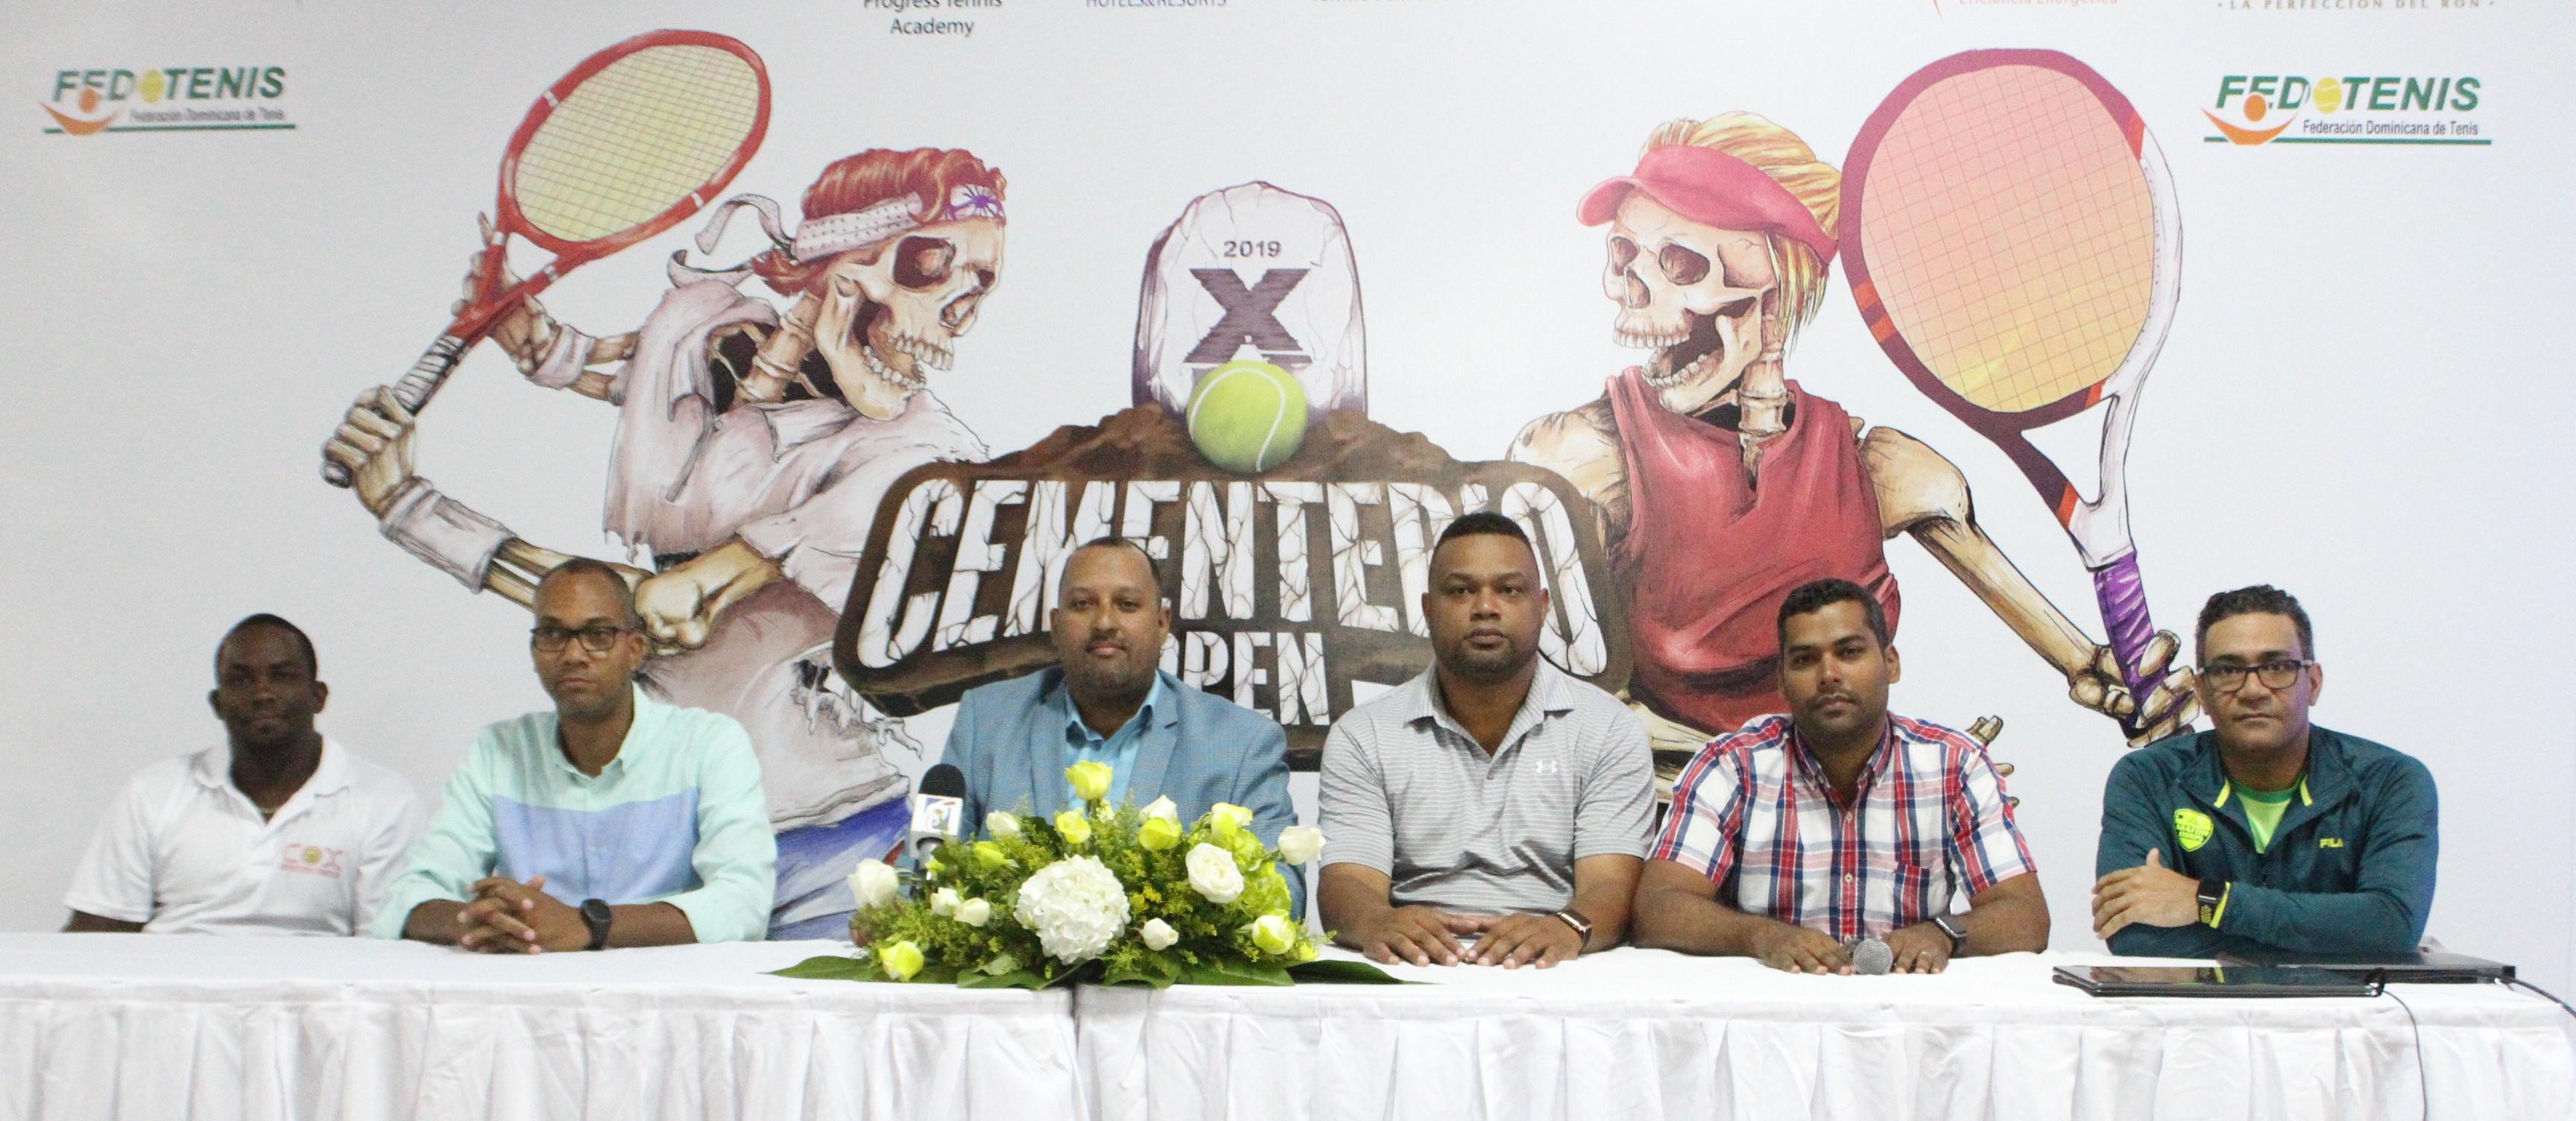 Anuncian décima edición del Cementerio Open de tenis